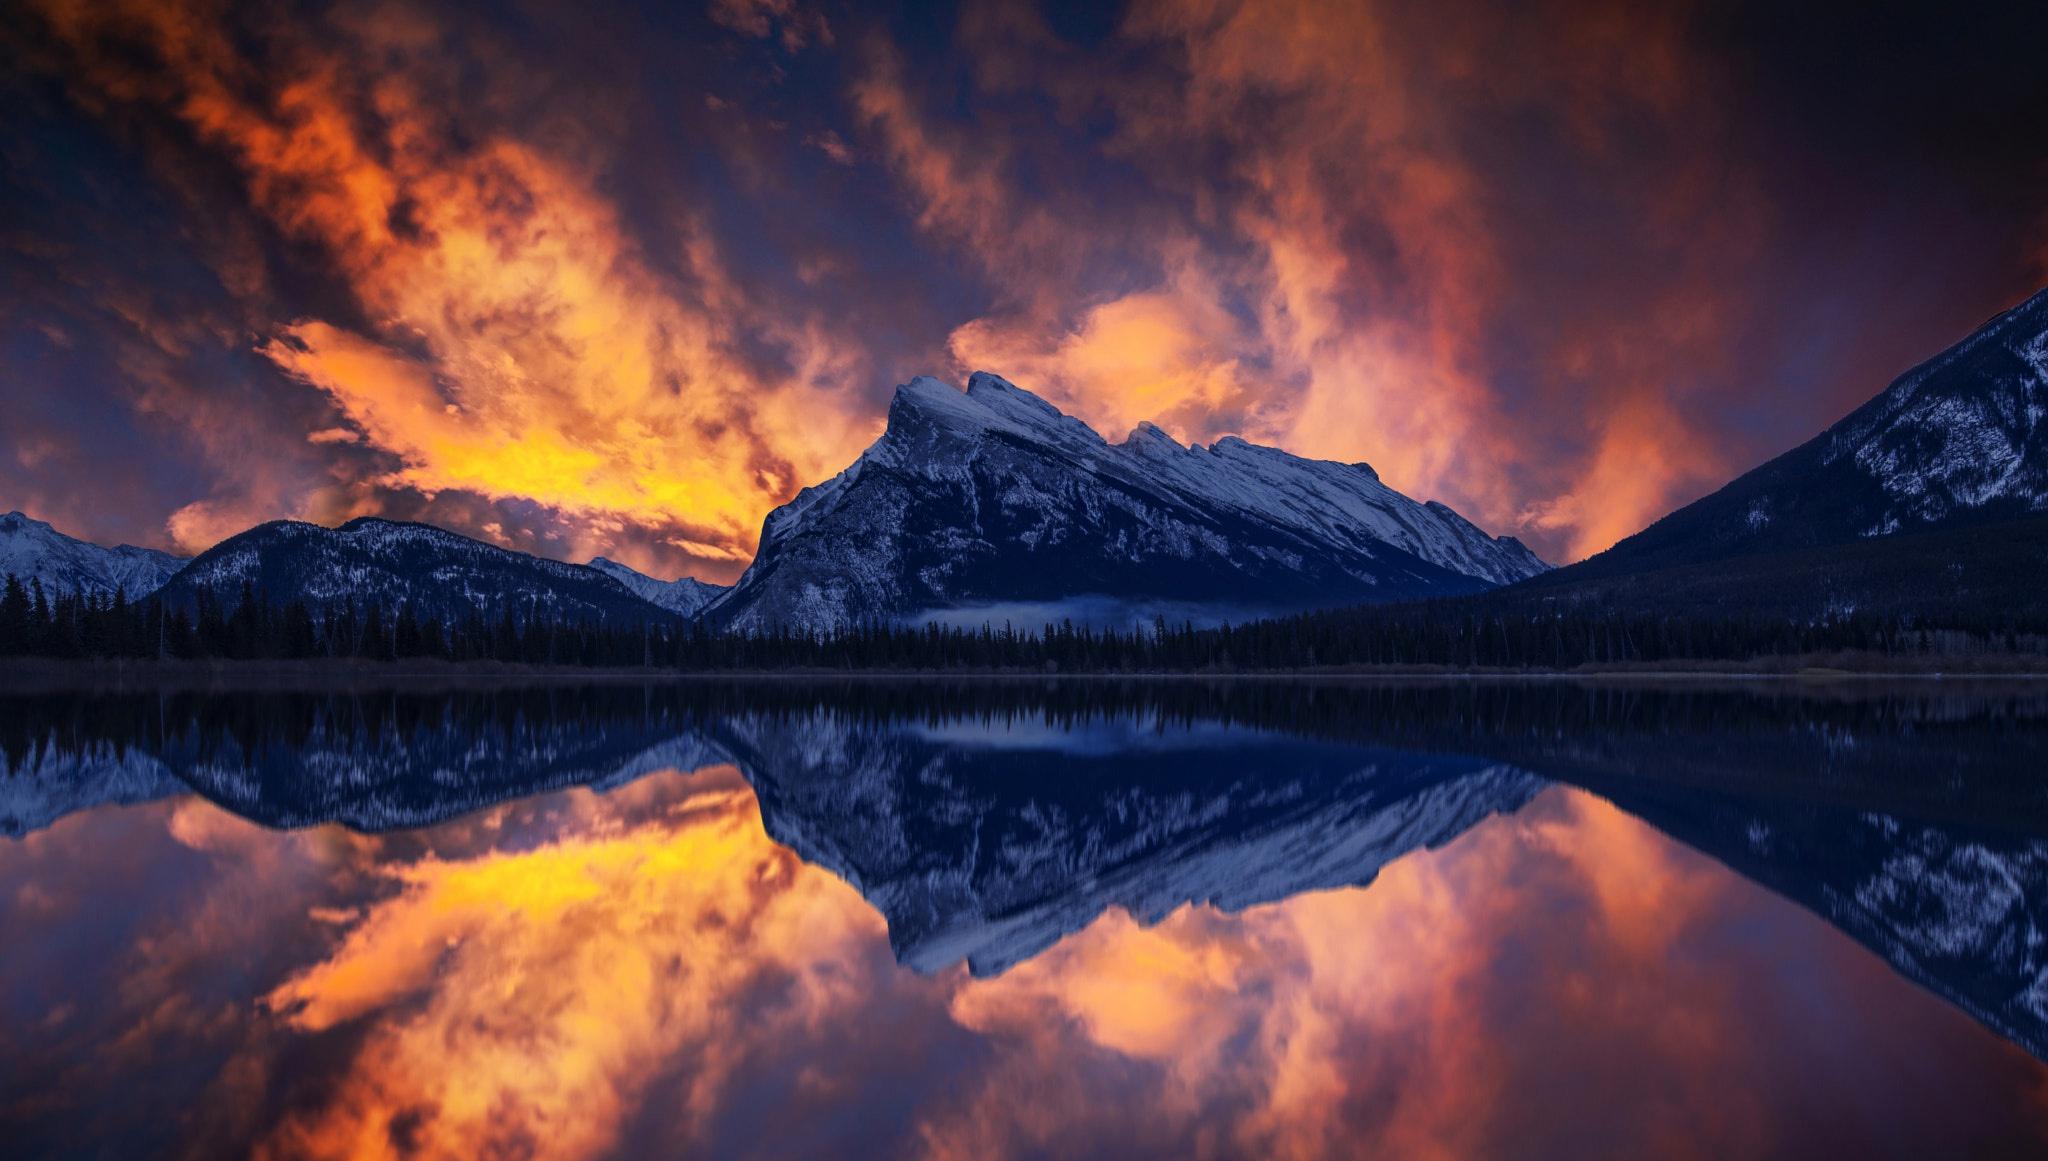 Lake Mountain Nature Reflection 2048x1161